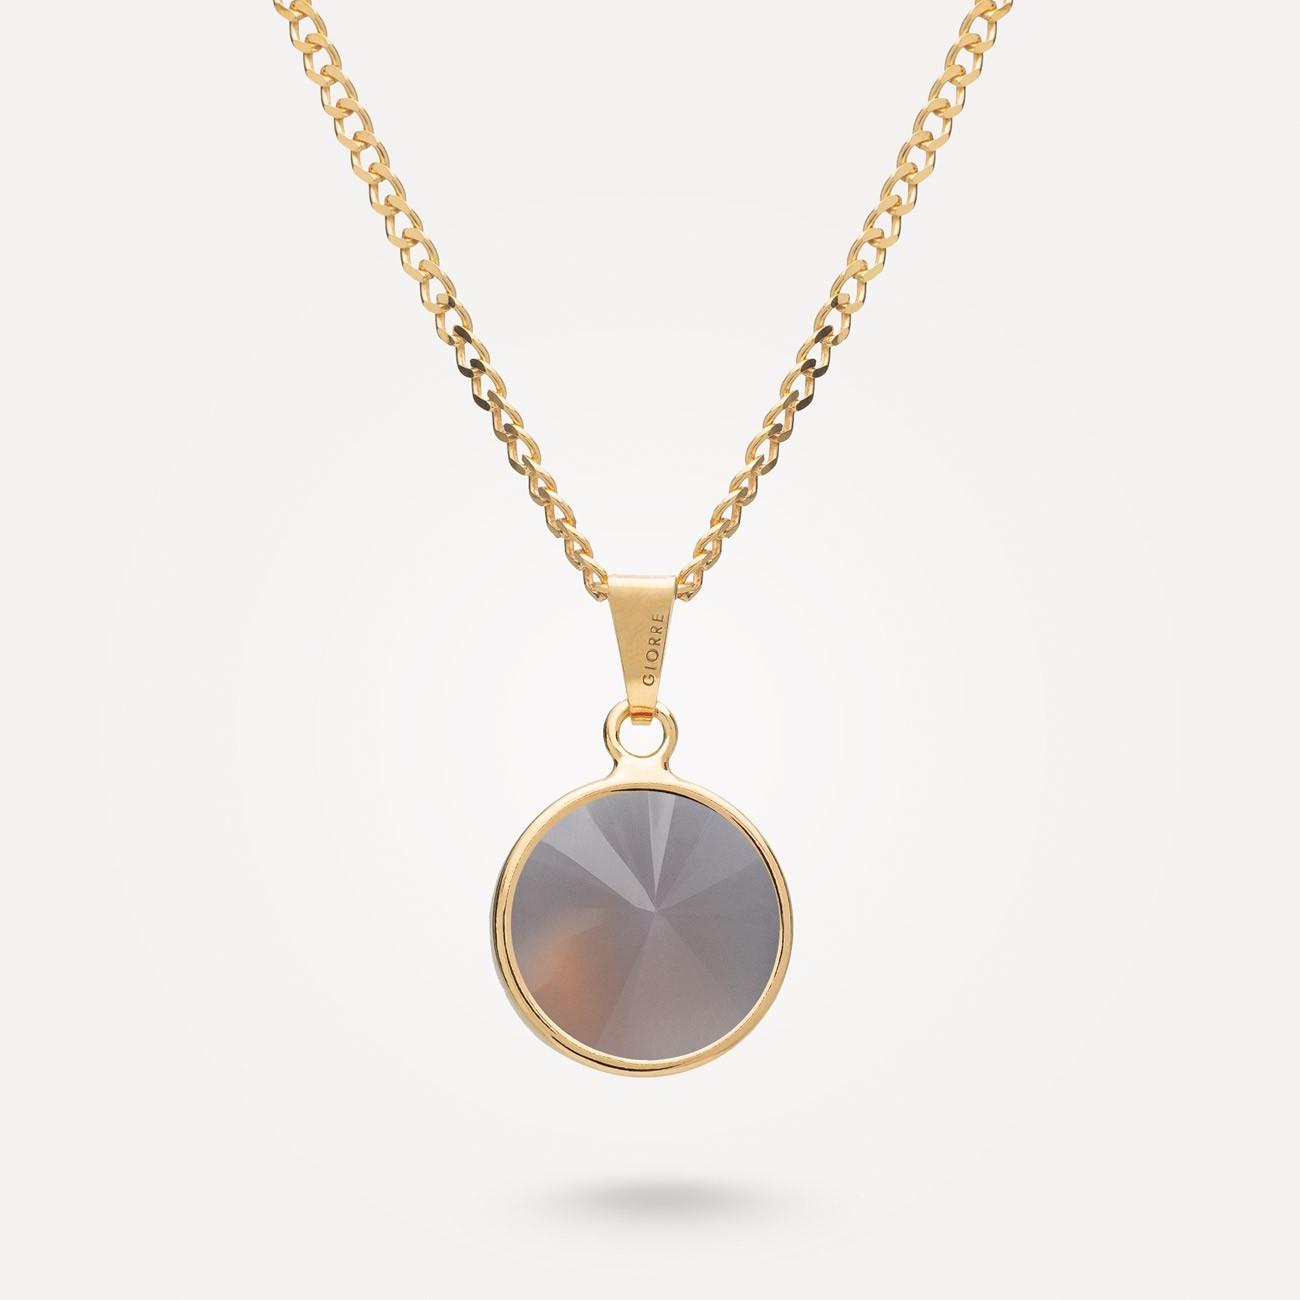 Srebrny naszyjnik z naturalnym kwarcem, srebro 925